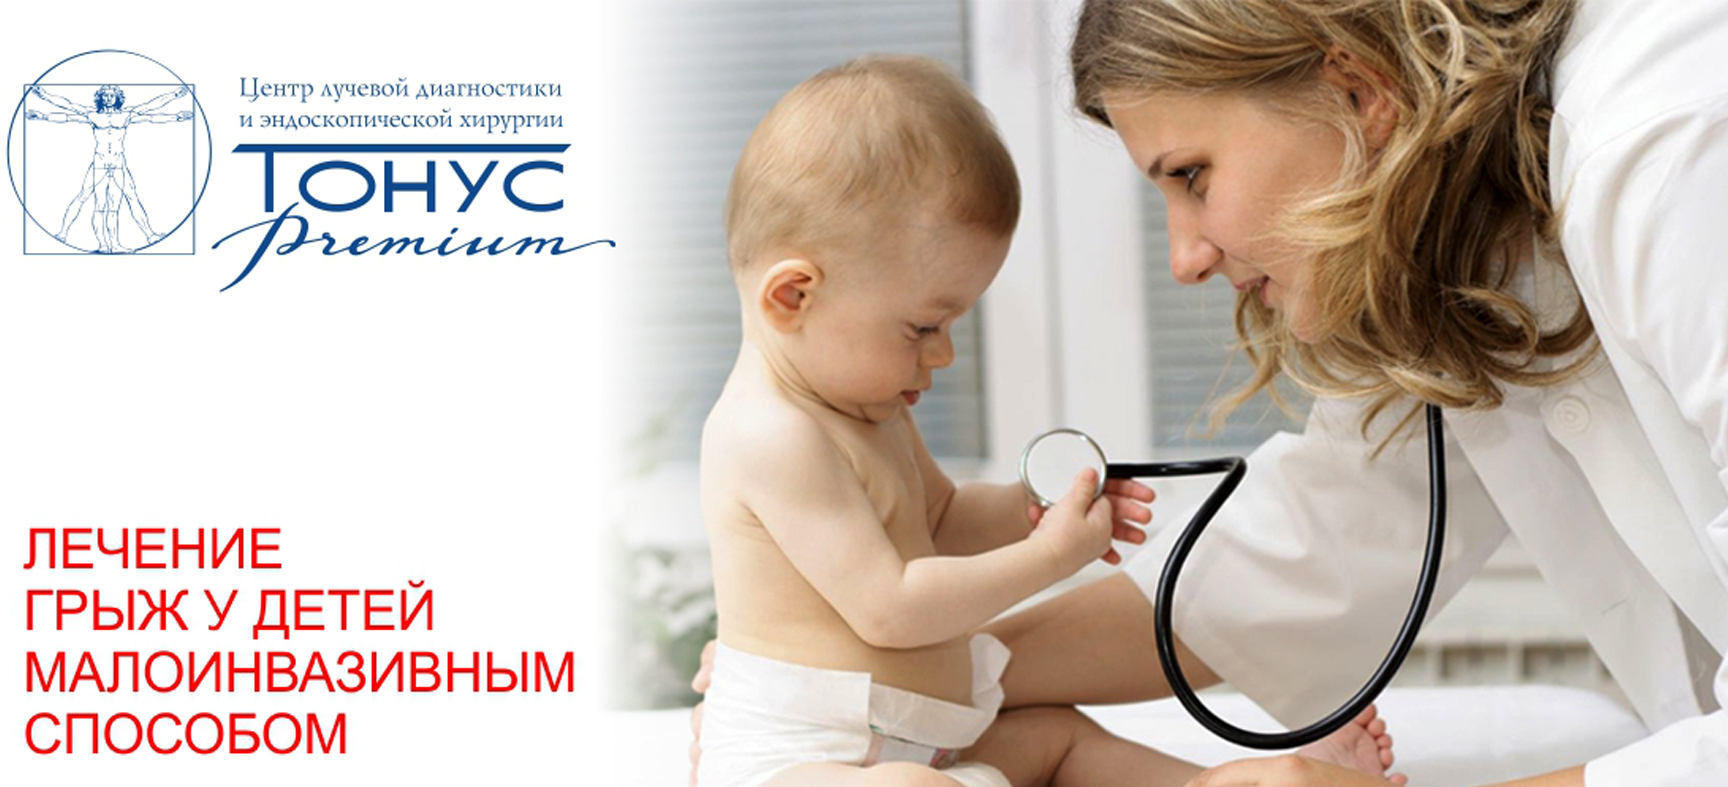 Новая услуга в центре эндоскопической хирургии «ТОНУС ПРЕМИУМ» - лечение грыж у детей малоинвазивным способом!